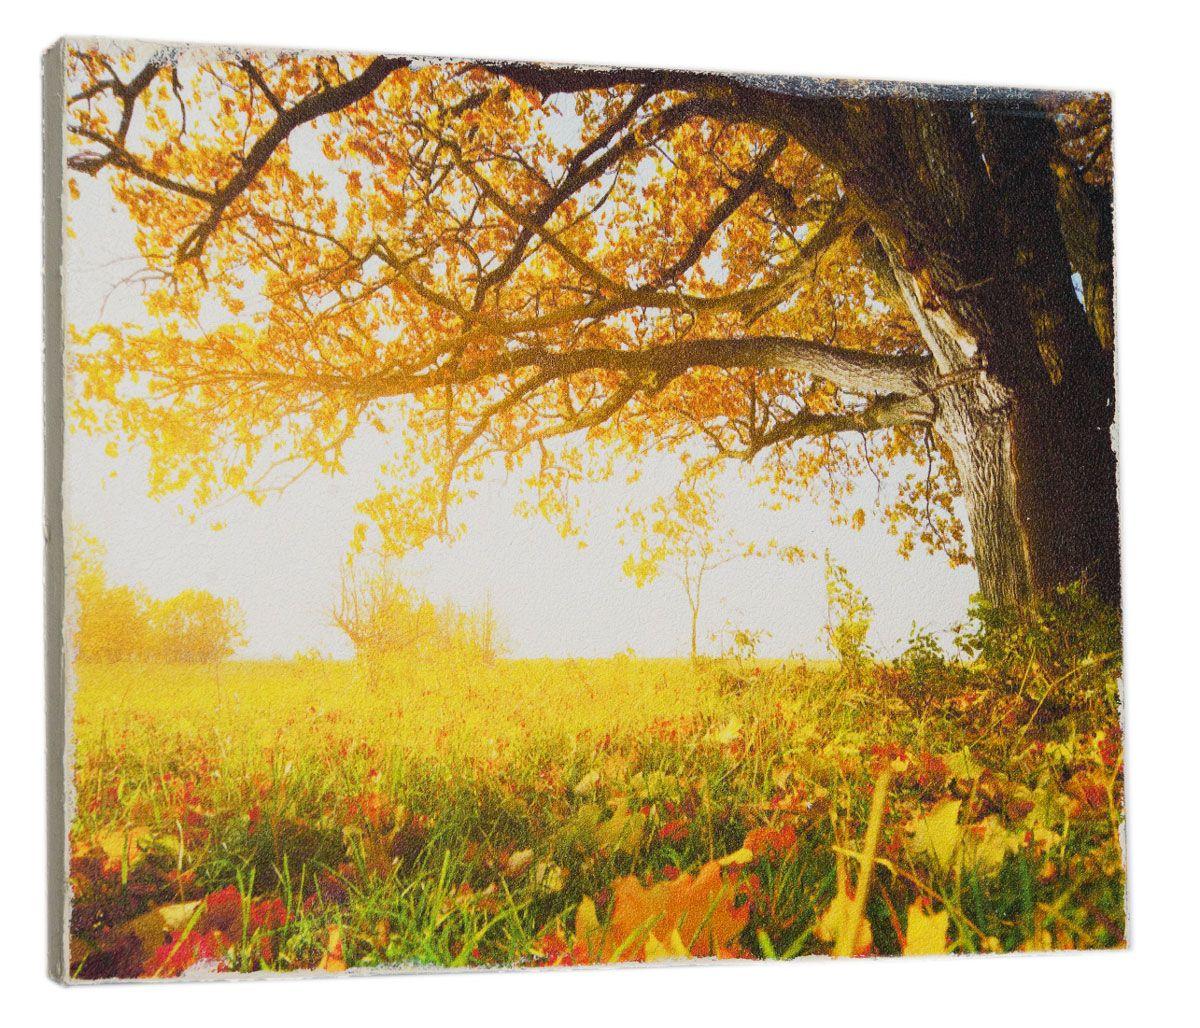 Картина Mister Poster Осеннее опавшее дерево, 32 х 24 см0313-24-32Картина Mister Poster - это высококачественная репродукция на деревянной раме. Лицевая поверхность имитирует штукатурку или натуральный холст, края окрашены вручную специальным декоративным составом. Современные технологии, уникальное оборудование и оригинальные чернила, используемые при изготовлении, делают постер устойчивым к выцветанию, а также гарантируют стойкость к воздействию негативных внешних факторов. Интерьер дома и офиса, в котором находится человек, в значительной степени влияет на его настроение и работоспособность. Правильное оформление интерьера создает благоприятный психологический климат, улучшает настроение и мотивирует. Добавьте «красок» в ваш интерьер и, возможно, в вашу жизнь.